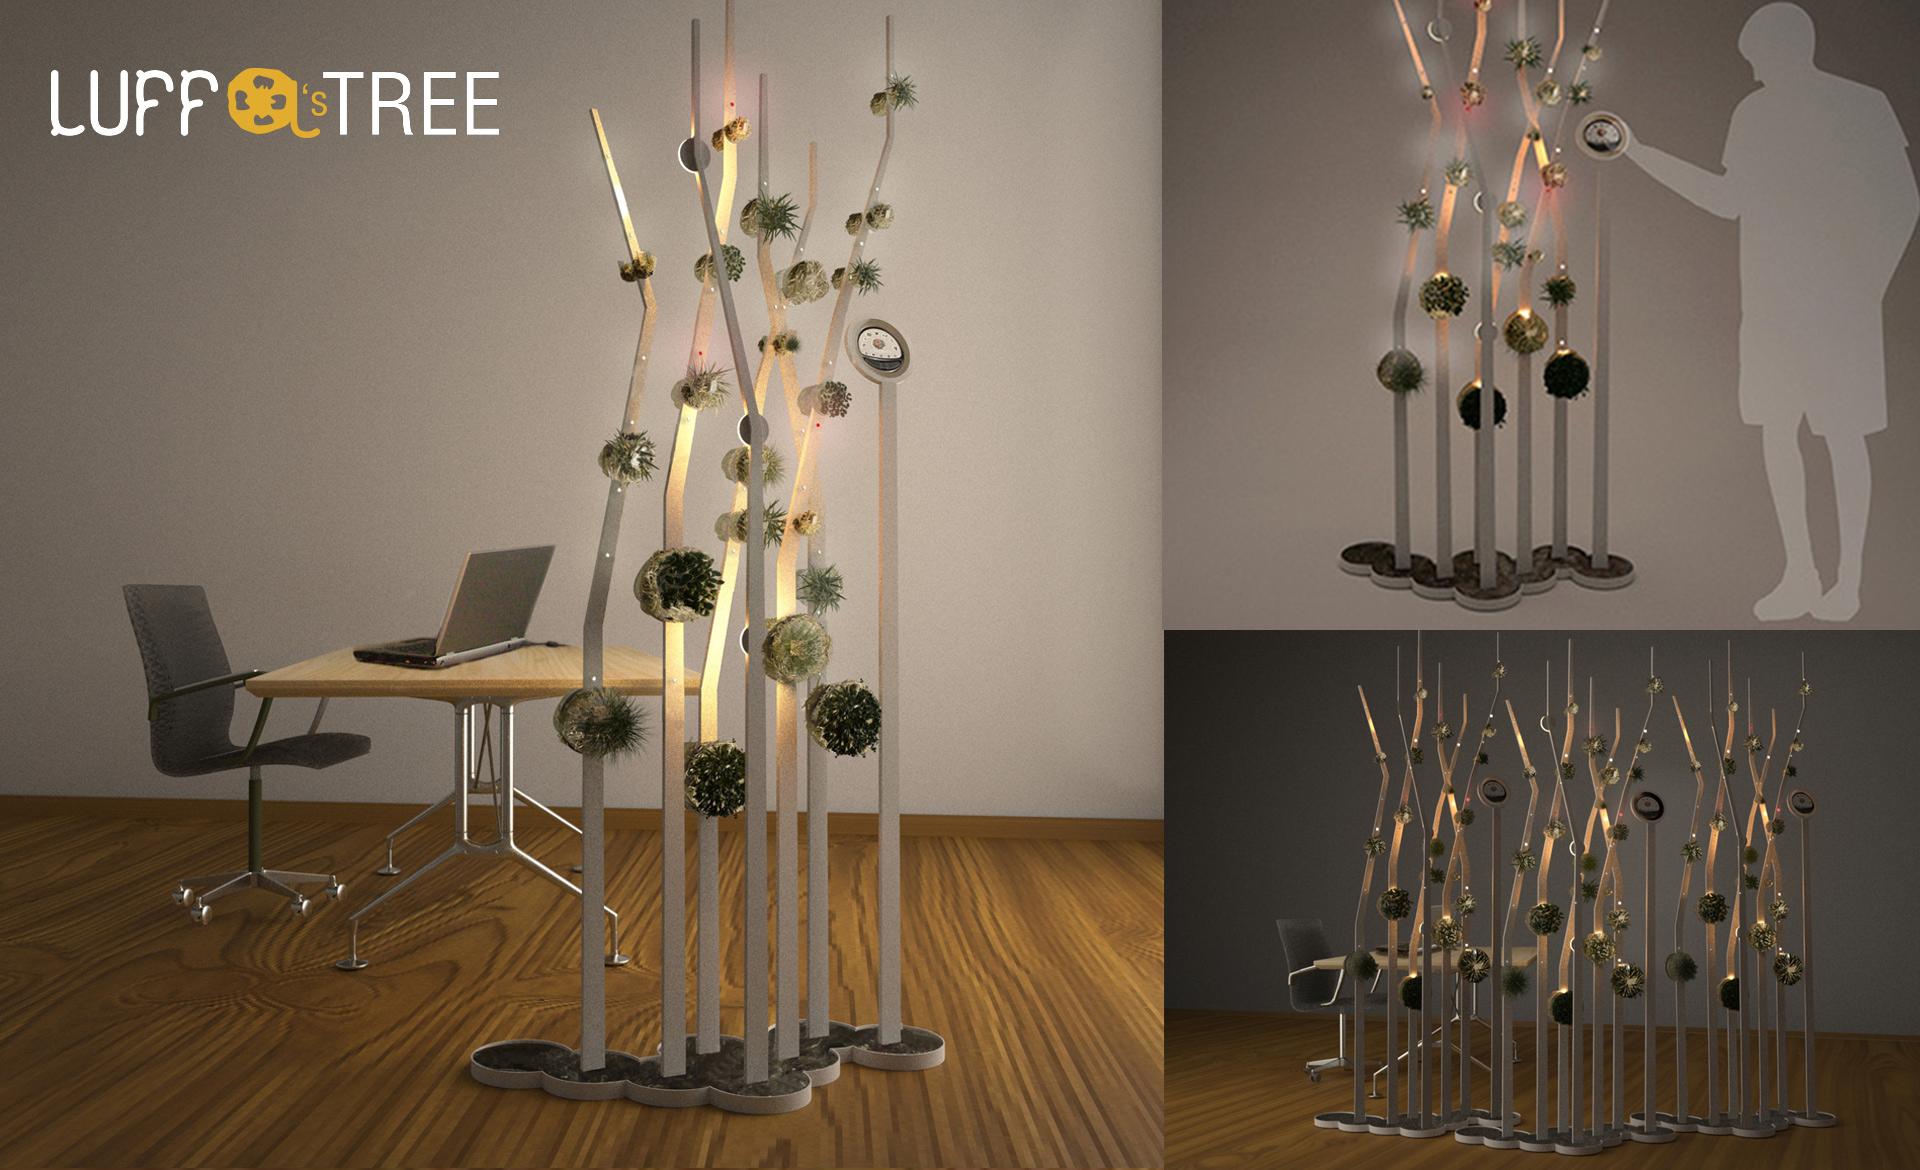 Luffa-tree-separatore-ambienti-giardino-verticale-separè-luci-uso